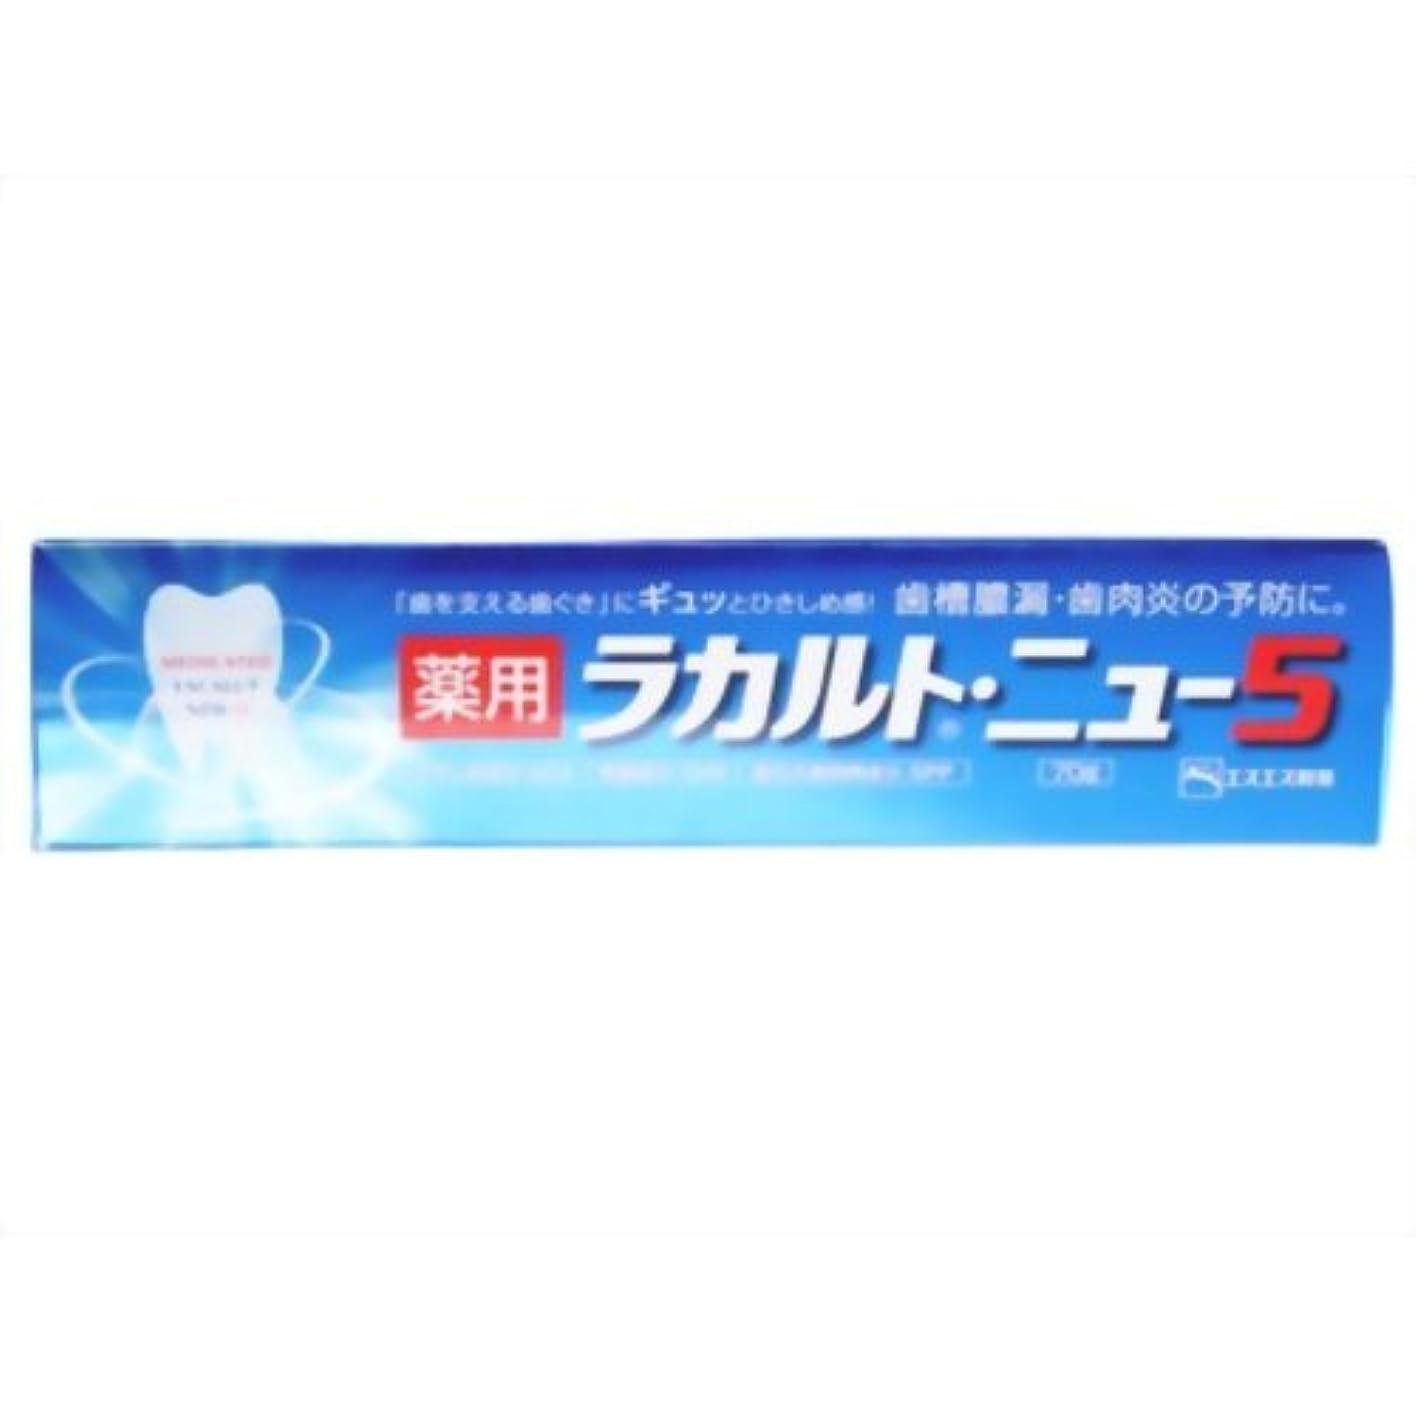 貫入腹メーカー【エスエス製薬】薬用ラカルト?ニュー5 70g ×5個セット